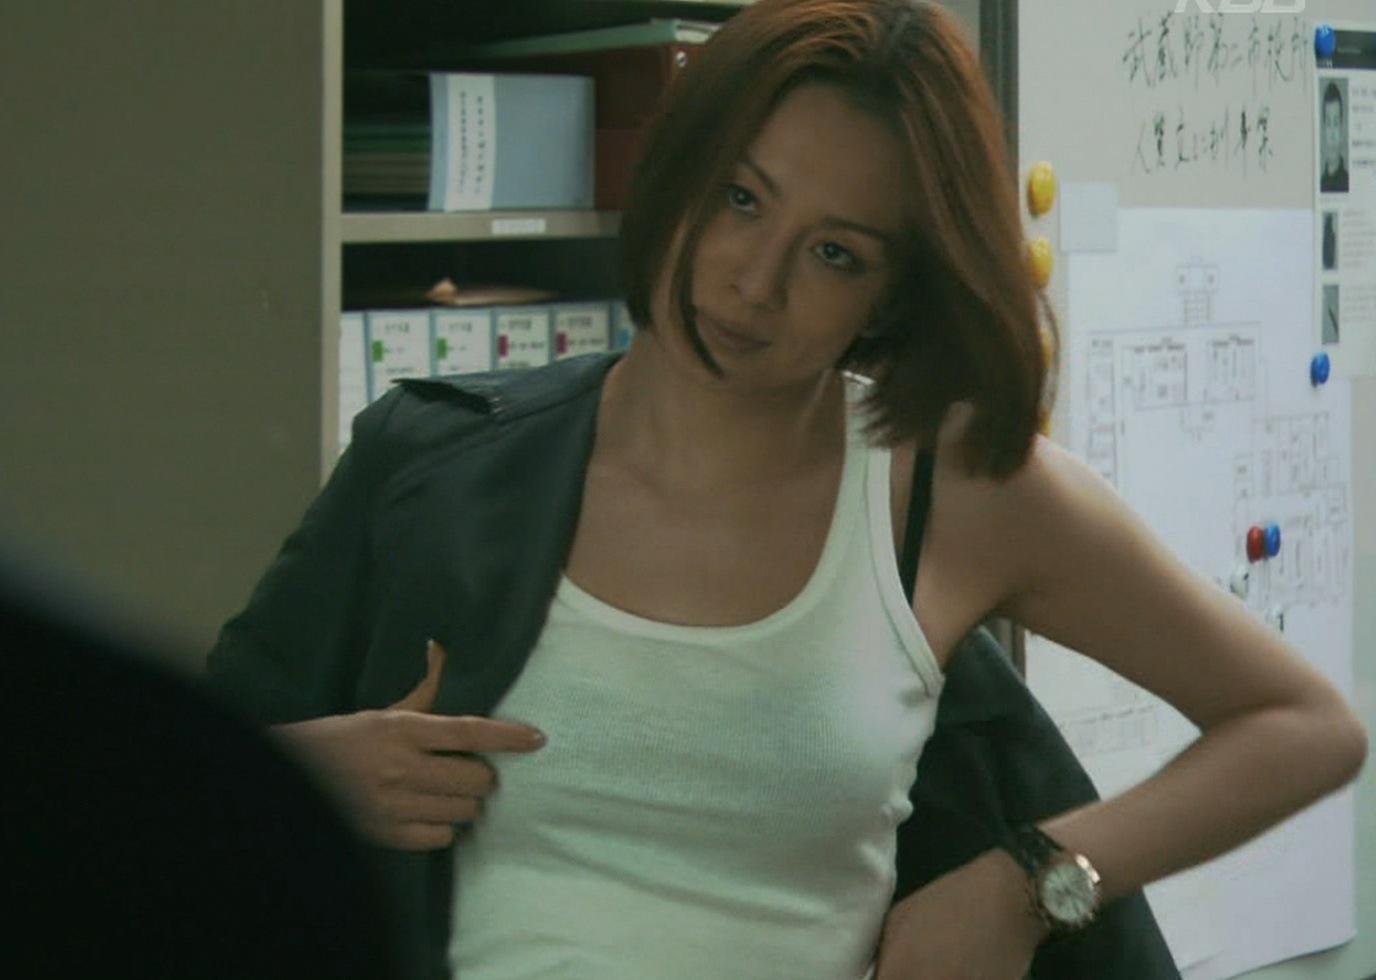 米倉涼子 巨乳のタンクトップからはみ出たブラジャーキャプ画像(エロ・アイコラ画像)